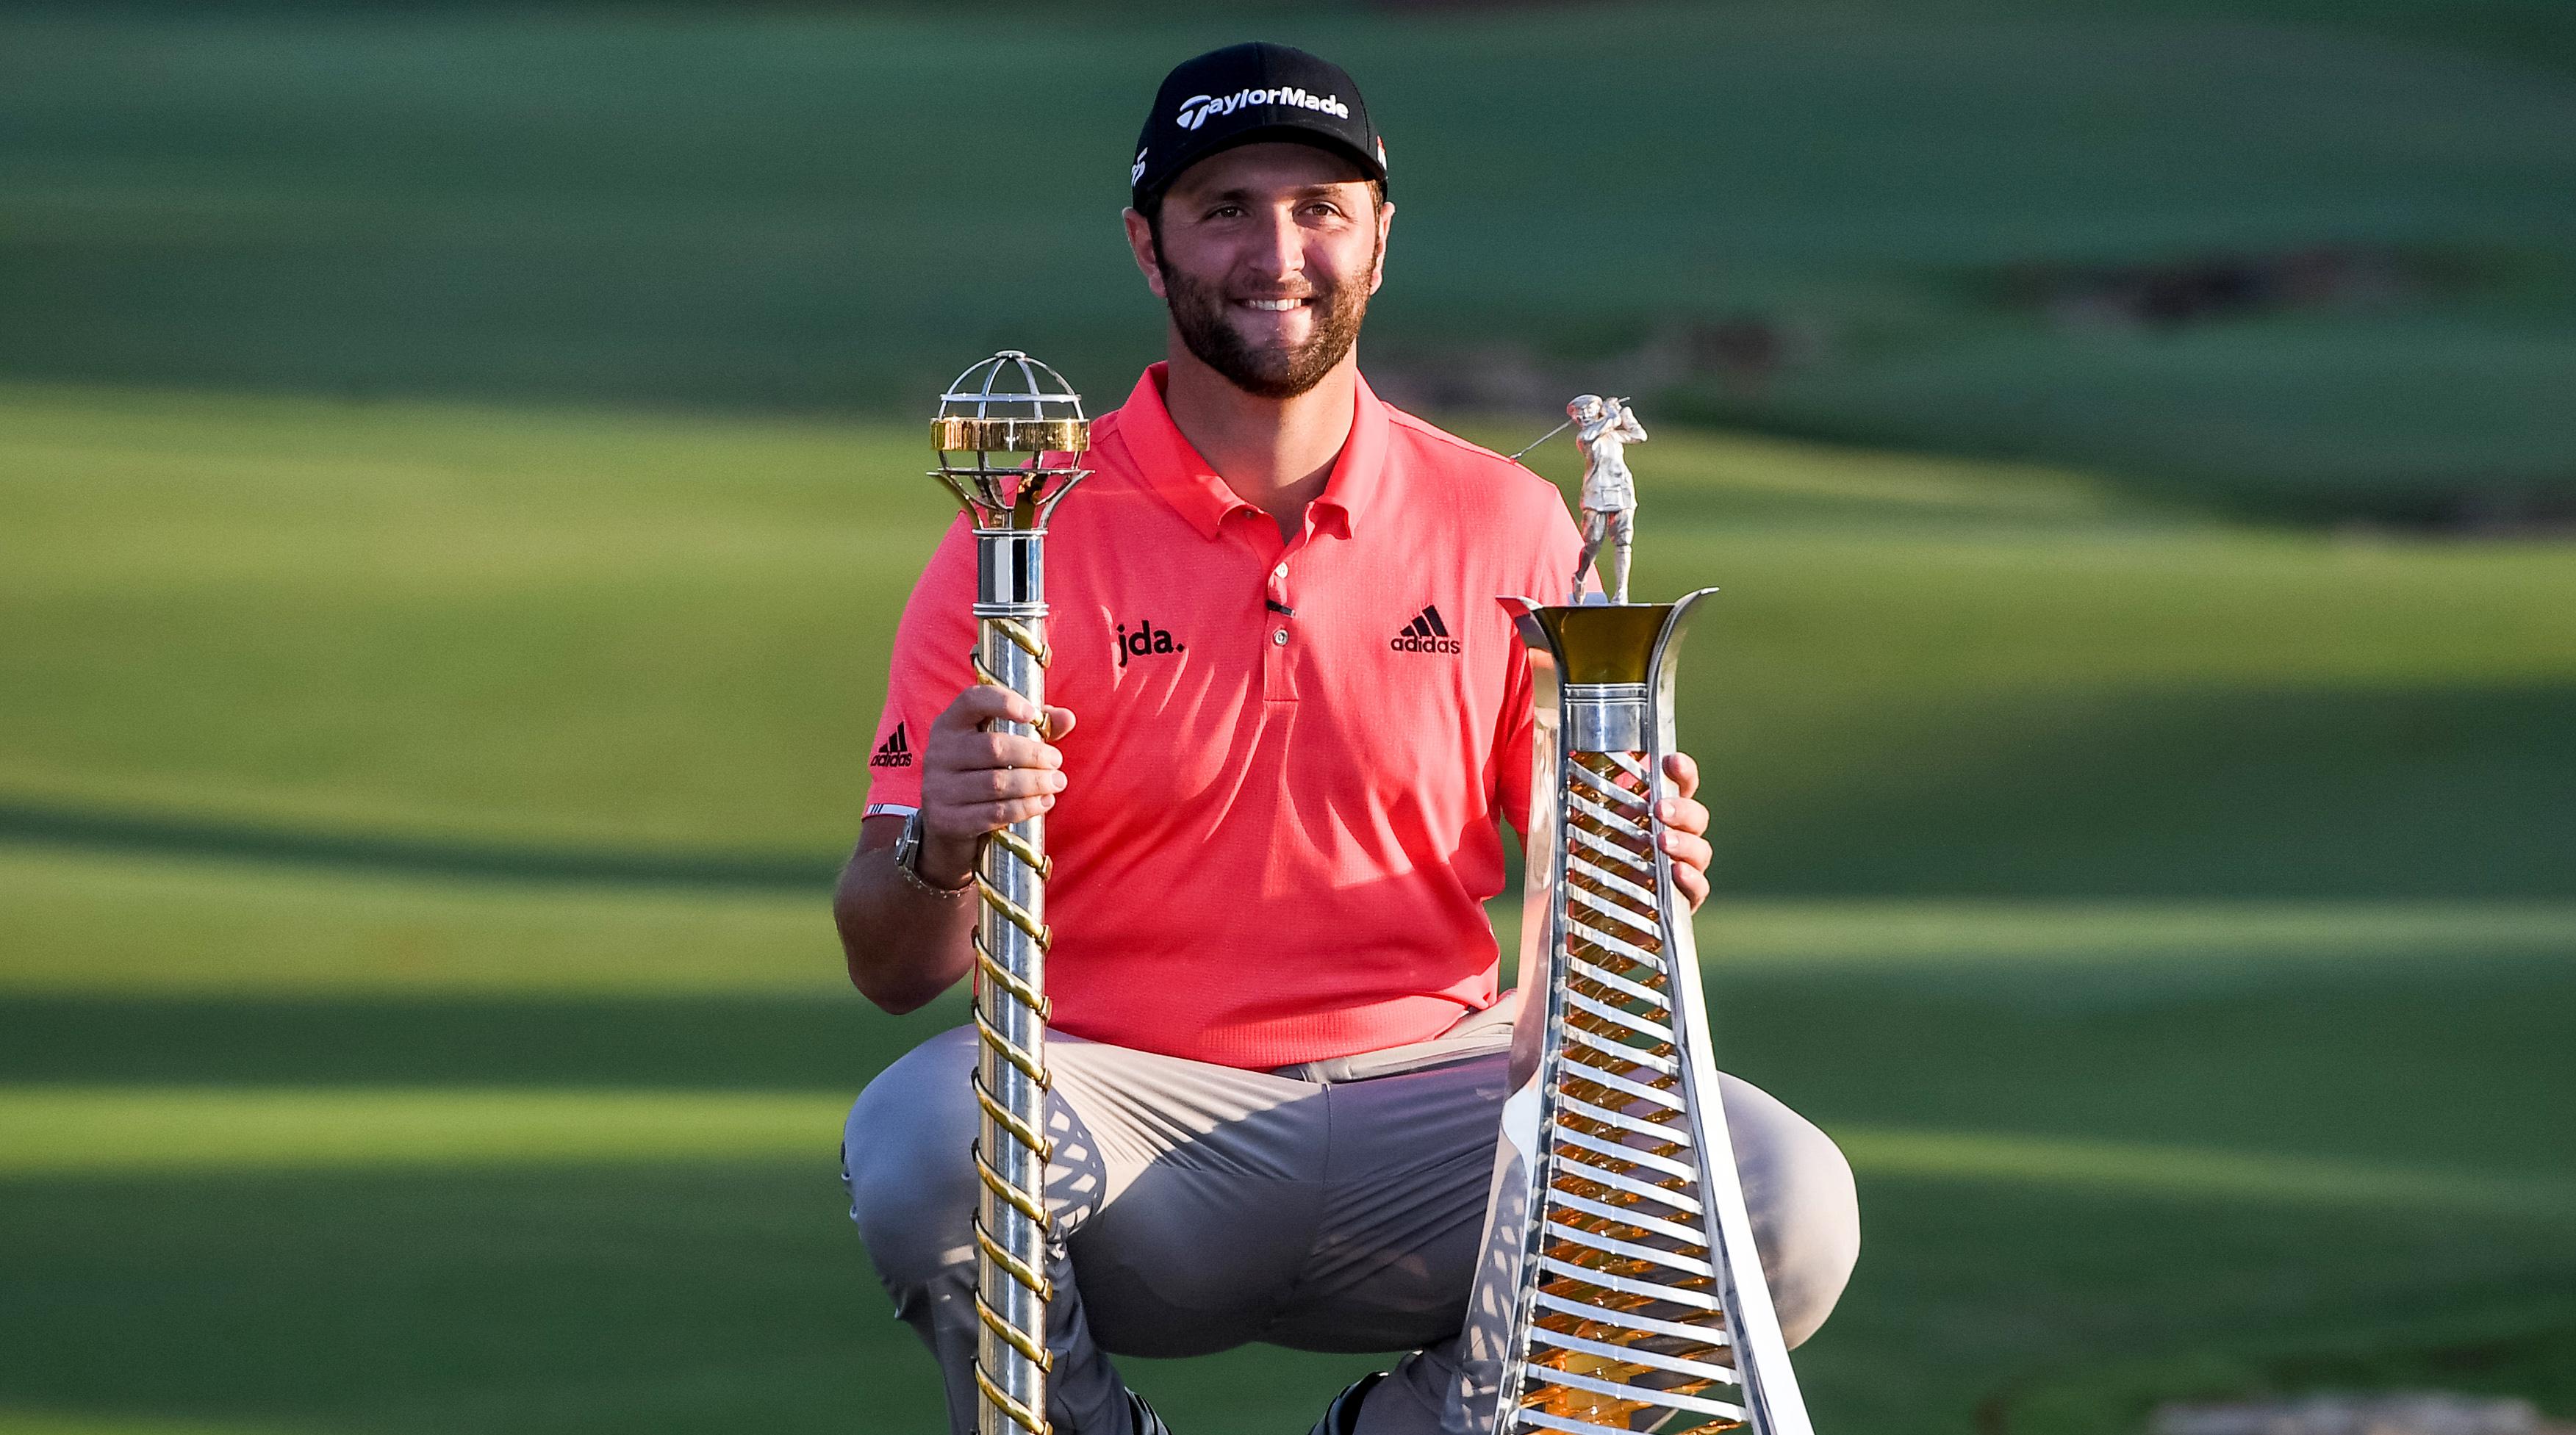 Golf - Tour européen - Finale de la Race to Dubaï: Mike Lorenzo-Vera sur le podium derrière le superchampion Jon Rahm